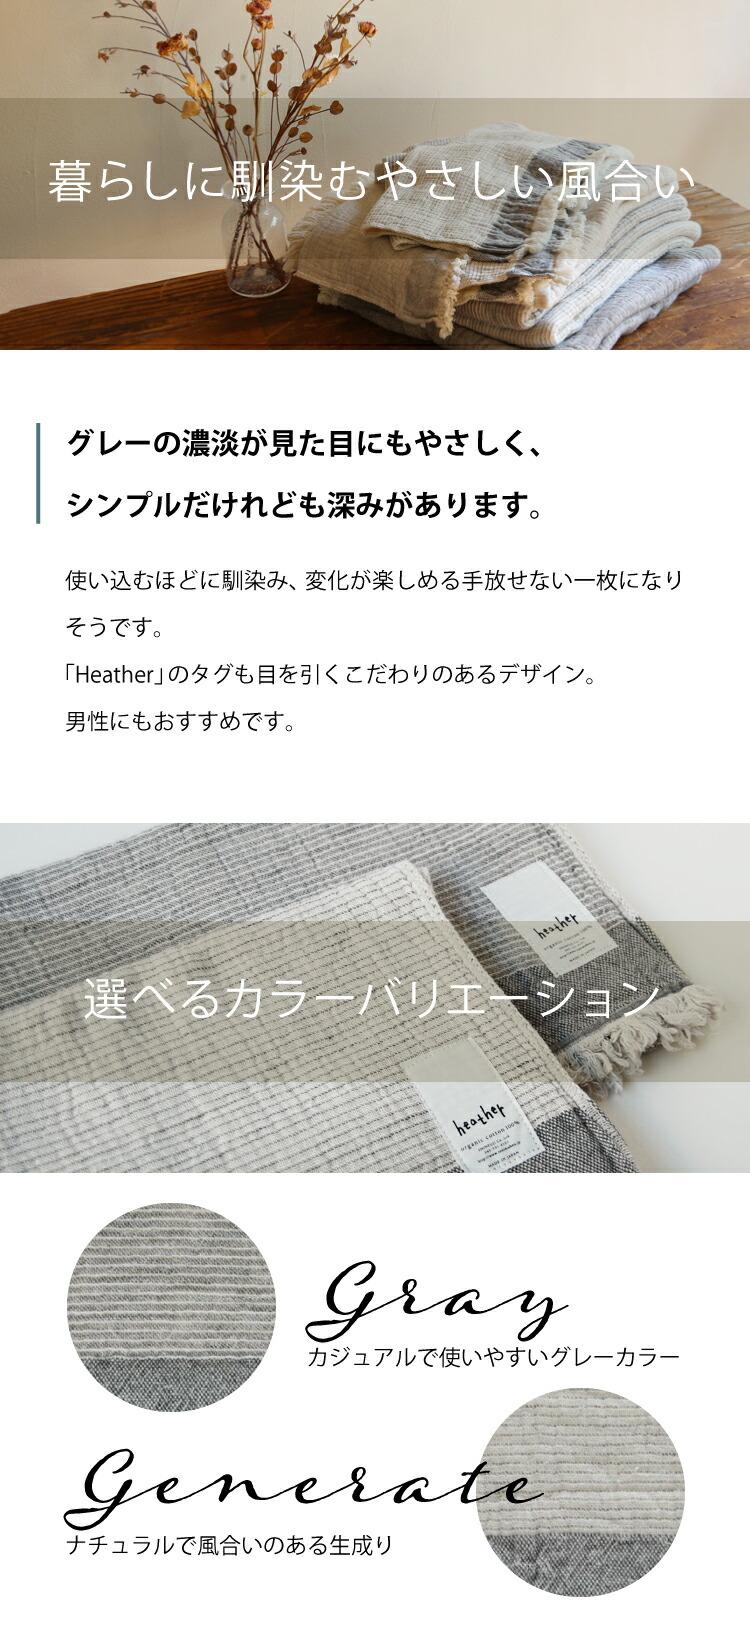 天衣無縫 ヘザーボーダー ウォッシュタオル 32×36cm 日本製 オーガニックコットン ガーゼ パイル ハンドタオル ミニタオル ナチュラル グレー 生成り 北欧 おしゃれ ギフト プレゼント プチギフト 贈答品 お返し